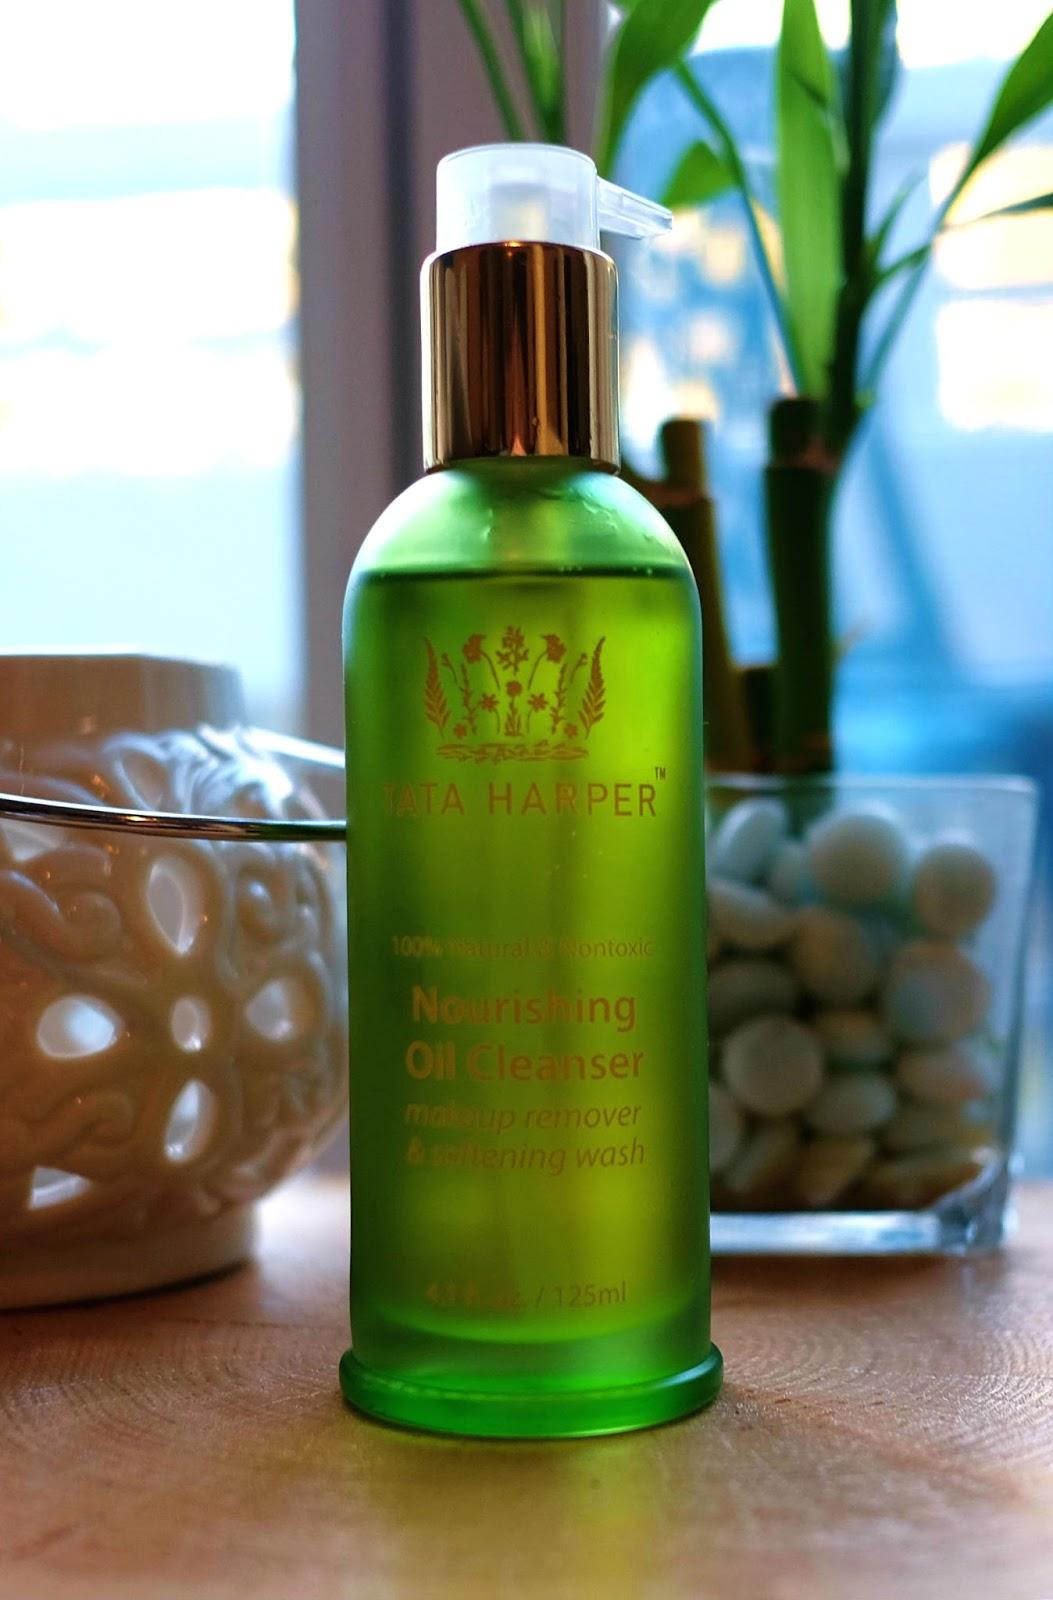 Nourishing Oil Cleanser by tata harper #18